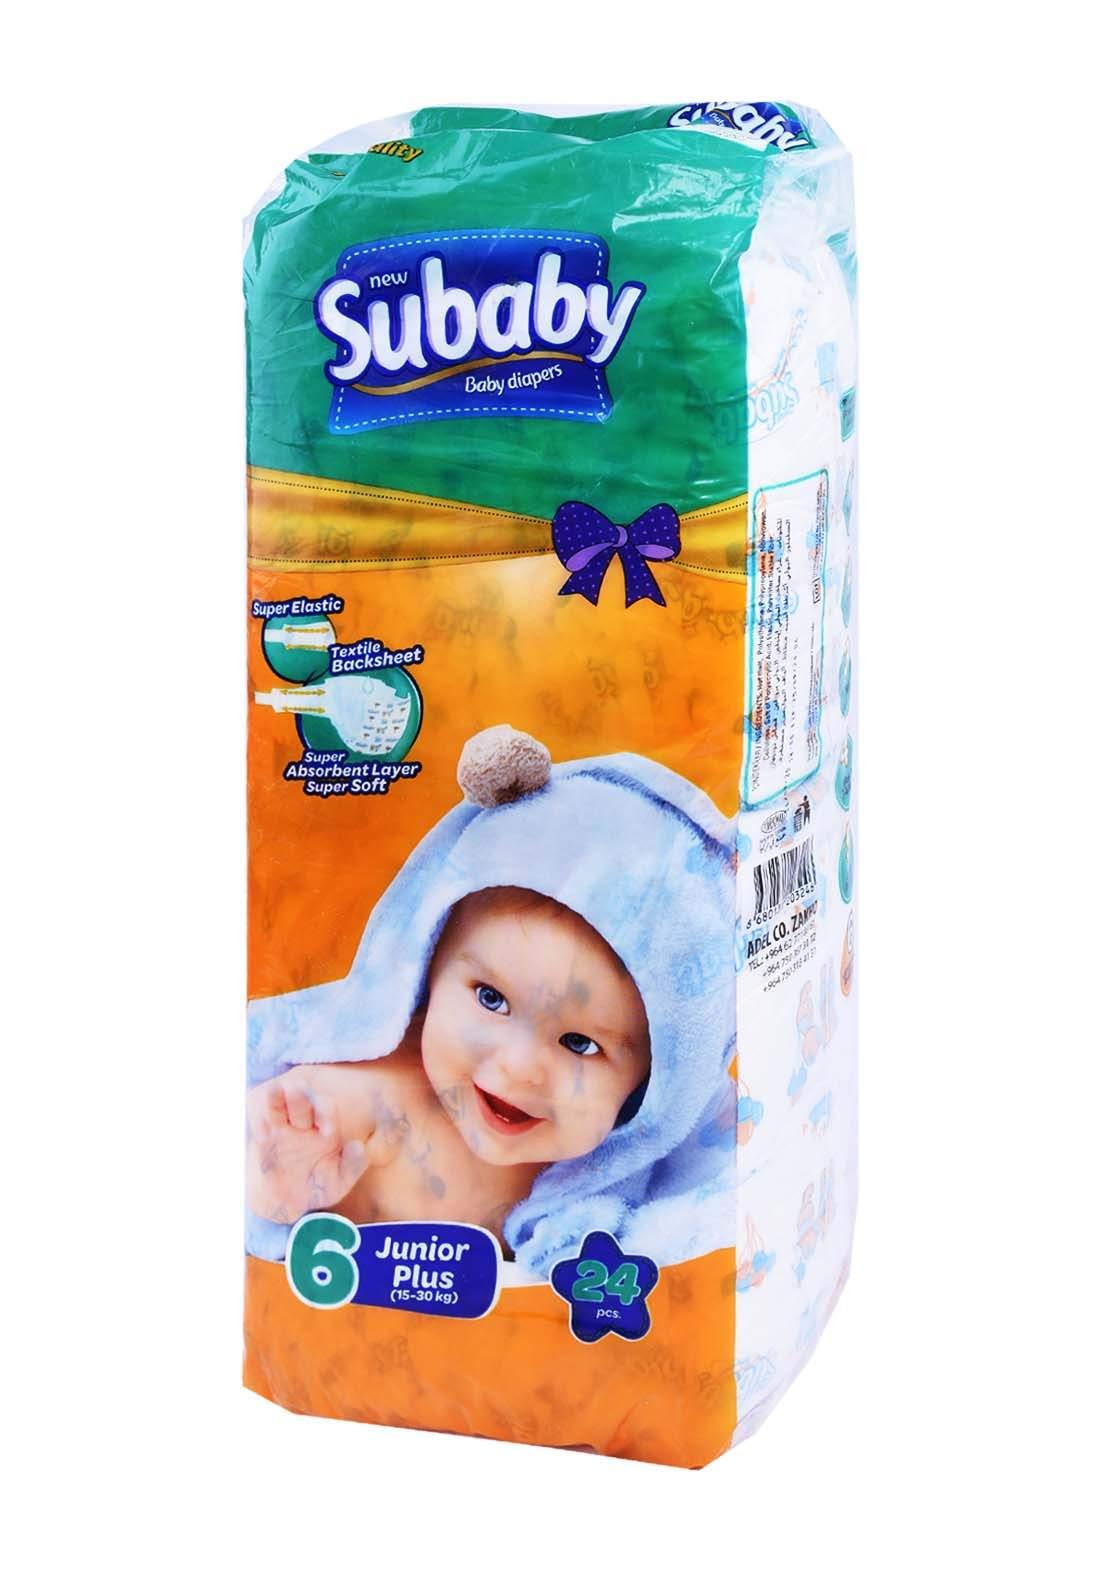 Subaaby 15-30 kg 24 Pcs حفاضات سو بيبي للاطفال رقم 6 عادي